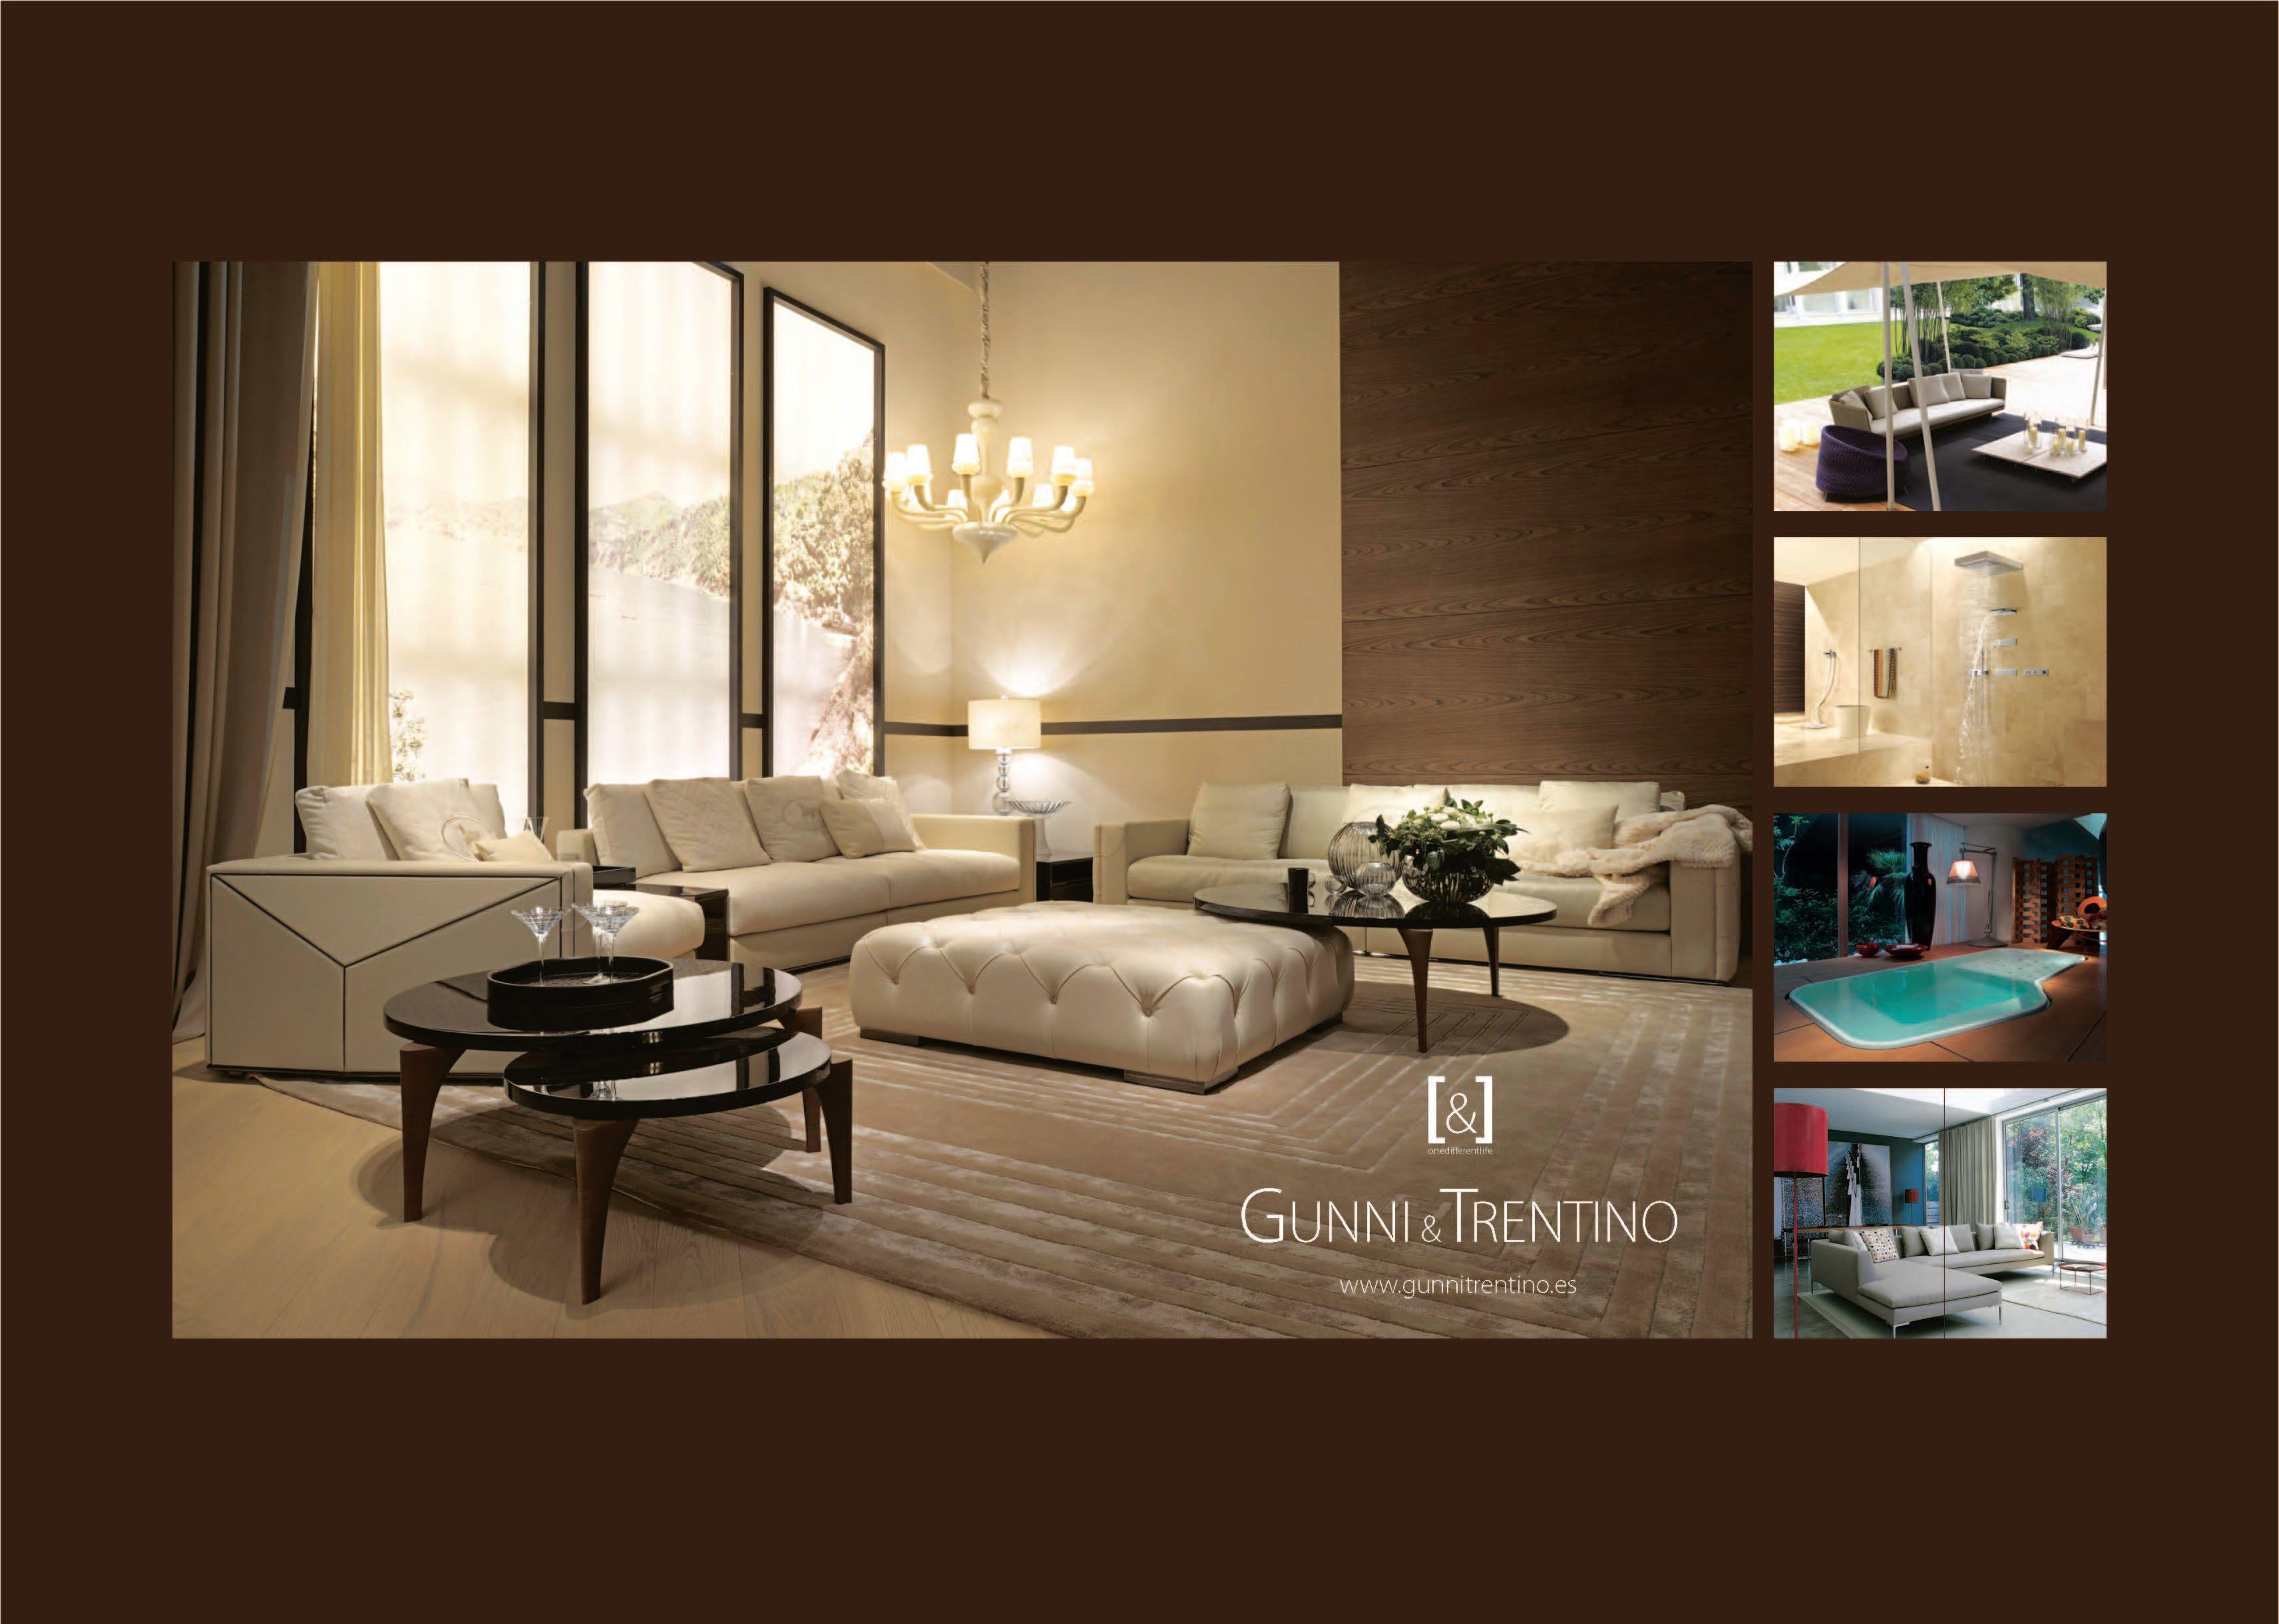 , Perfect Homes 2013, Gunni & Trentino